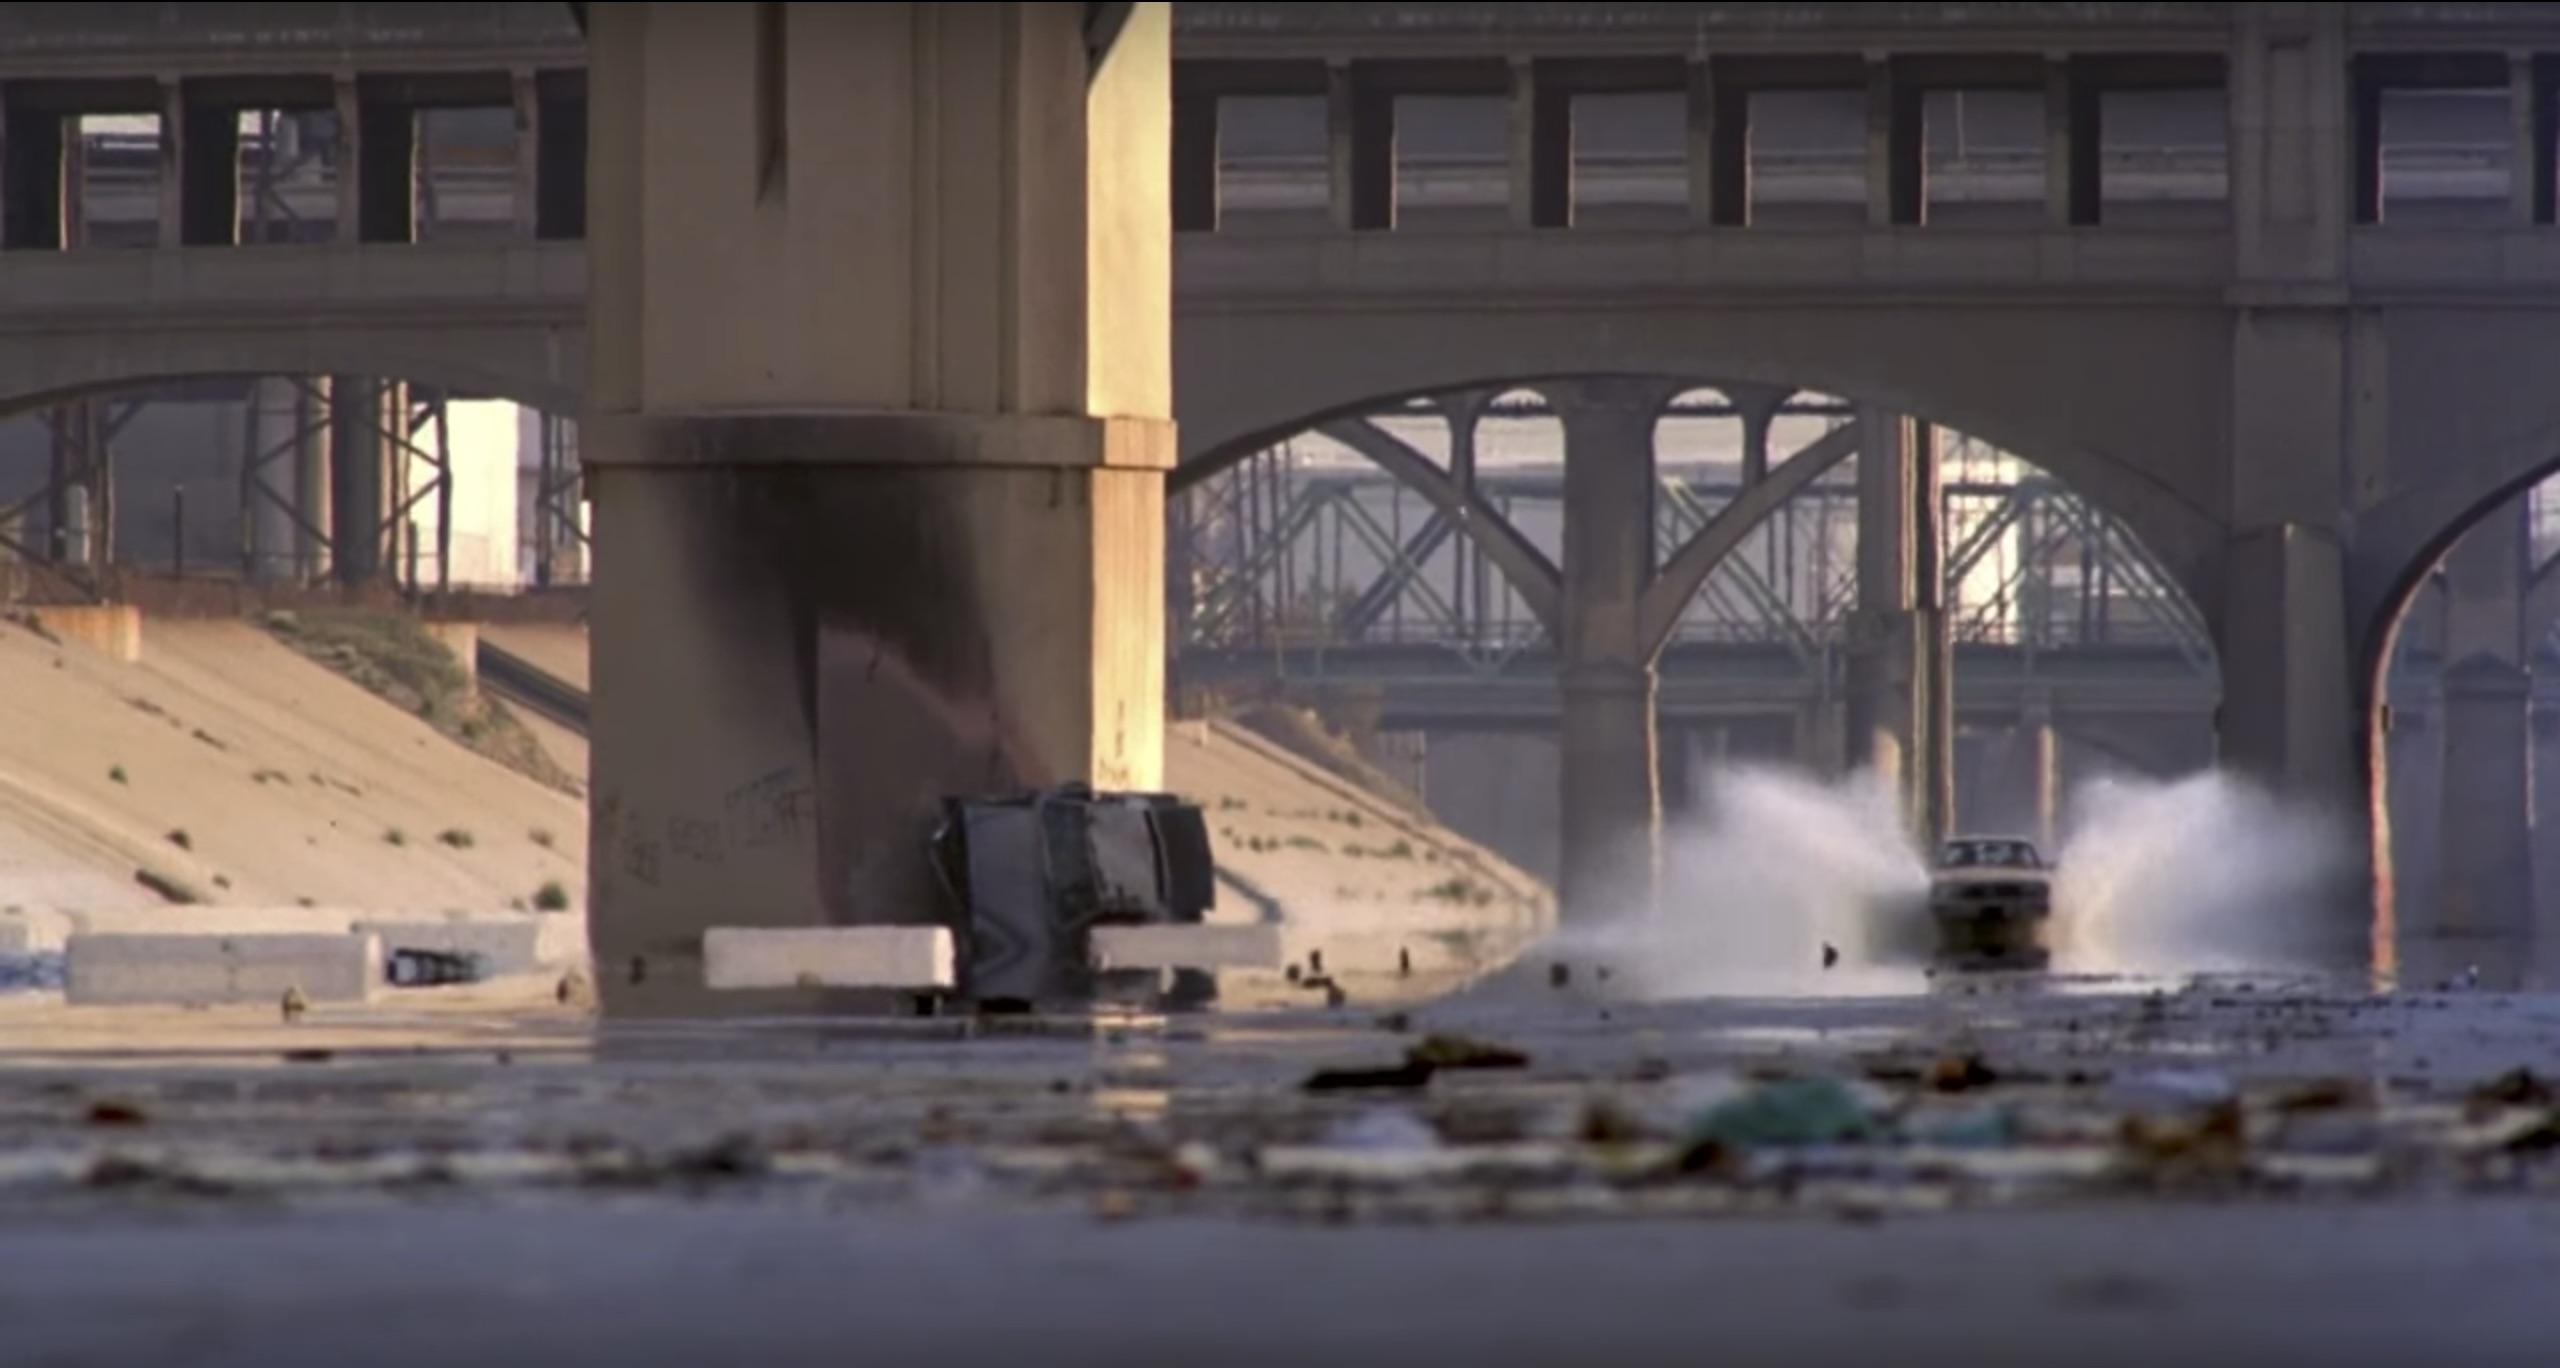 Live and Die in LA, LA river driving scene